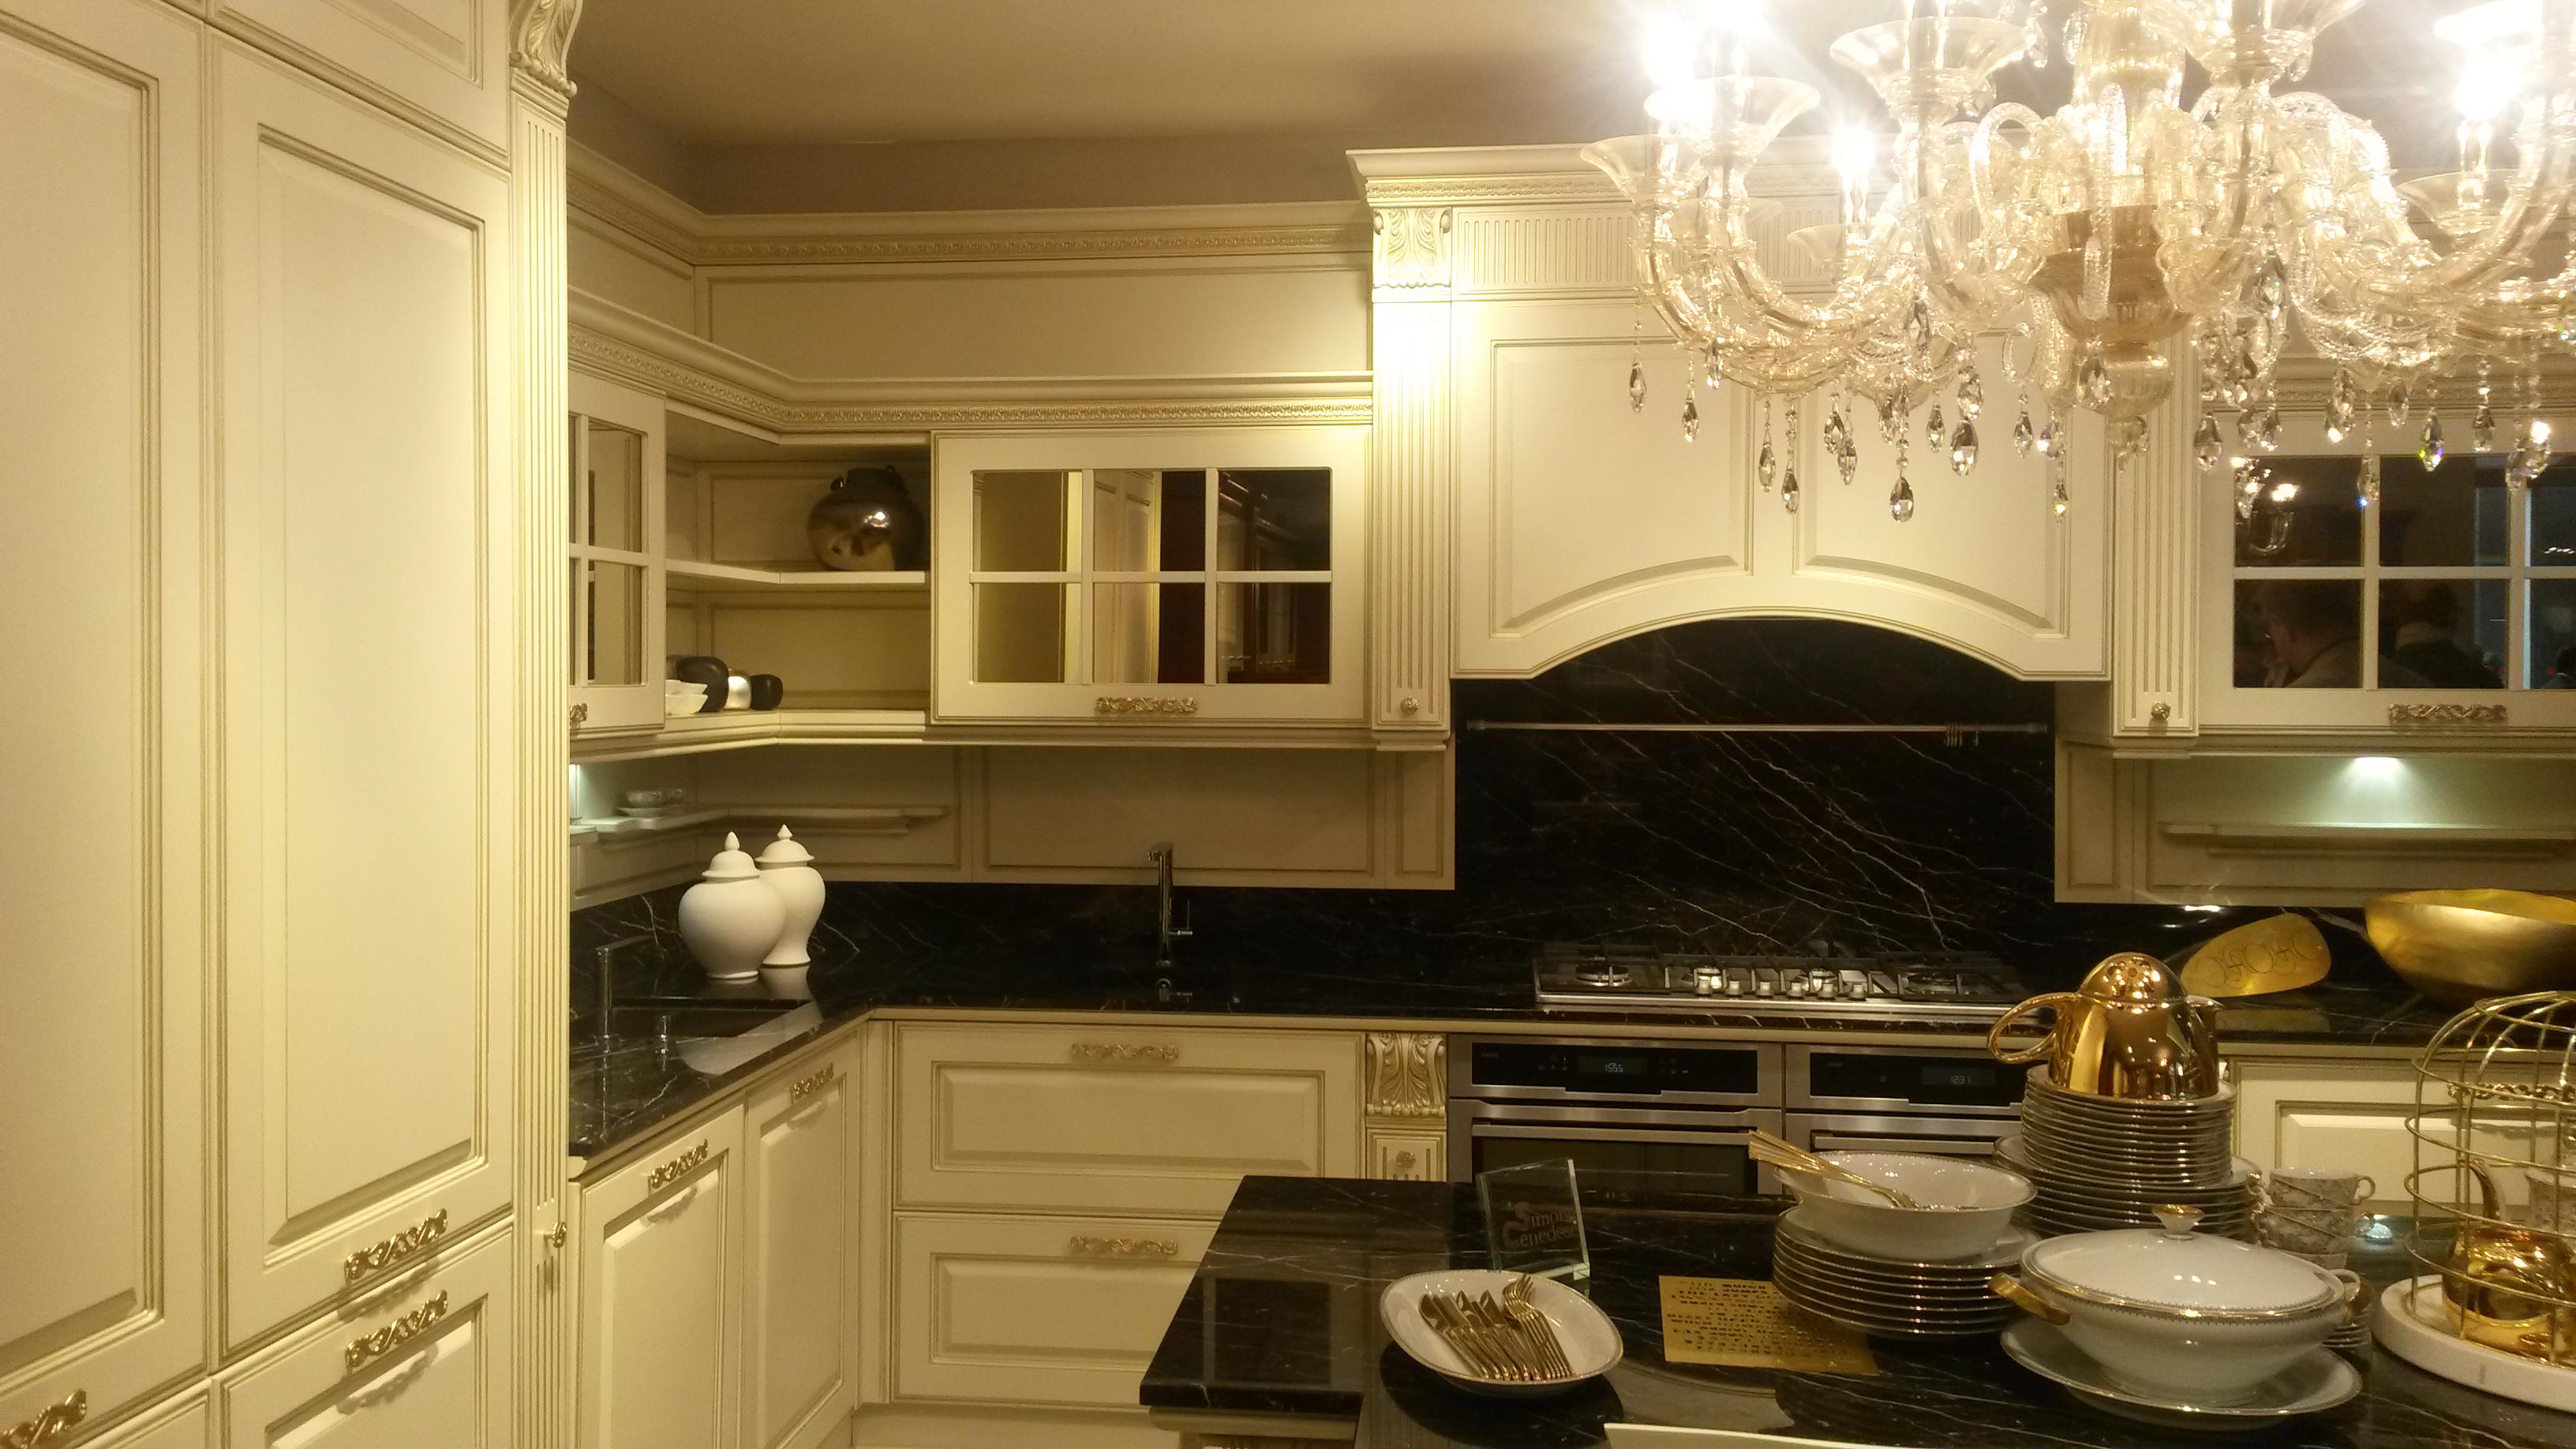 Salone del mobile 2014 marmo protagonista nel mondo dell 39 arredo non solo mobili cucina - Fabbriche di mobili in veneto ...